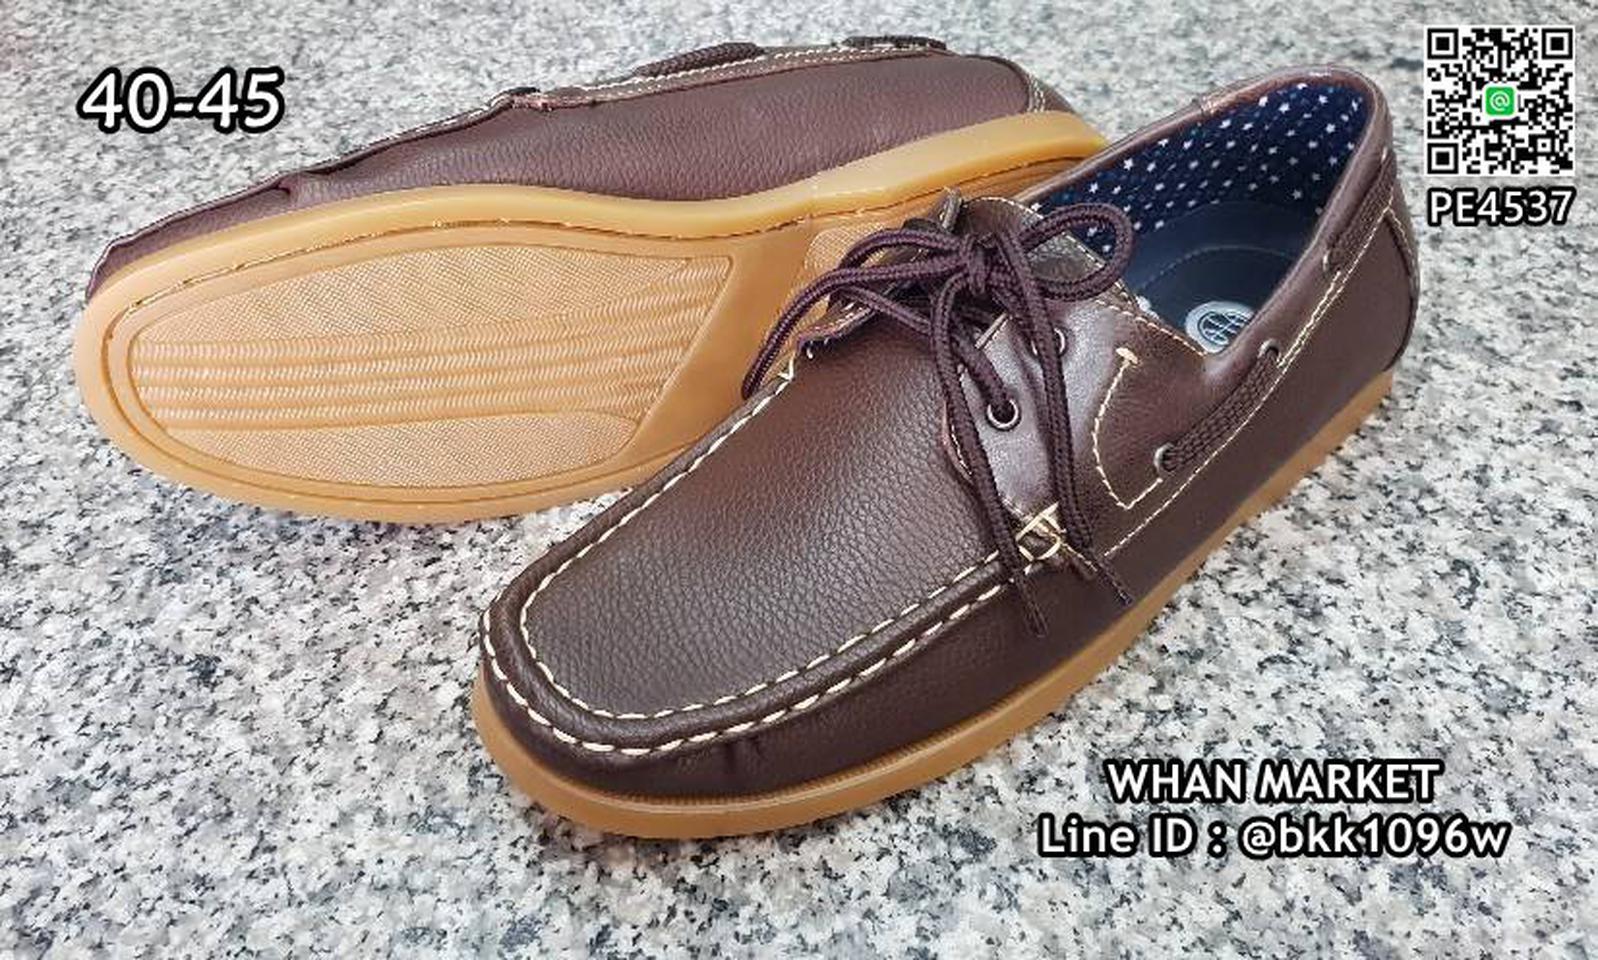 รองเท้าคัชชูหนังผู้ชาย boat shoes วัสดุหนังPU คุณภาพดี  รูปที่ 2